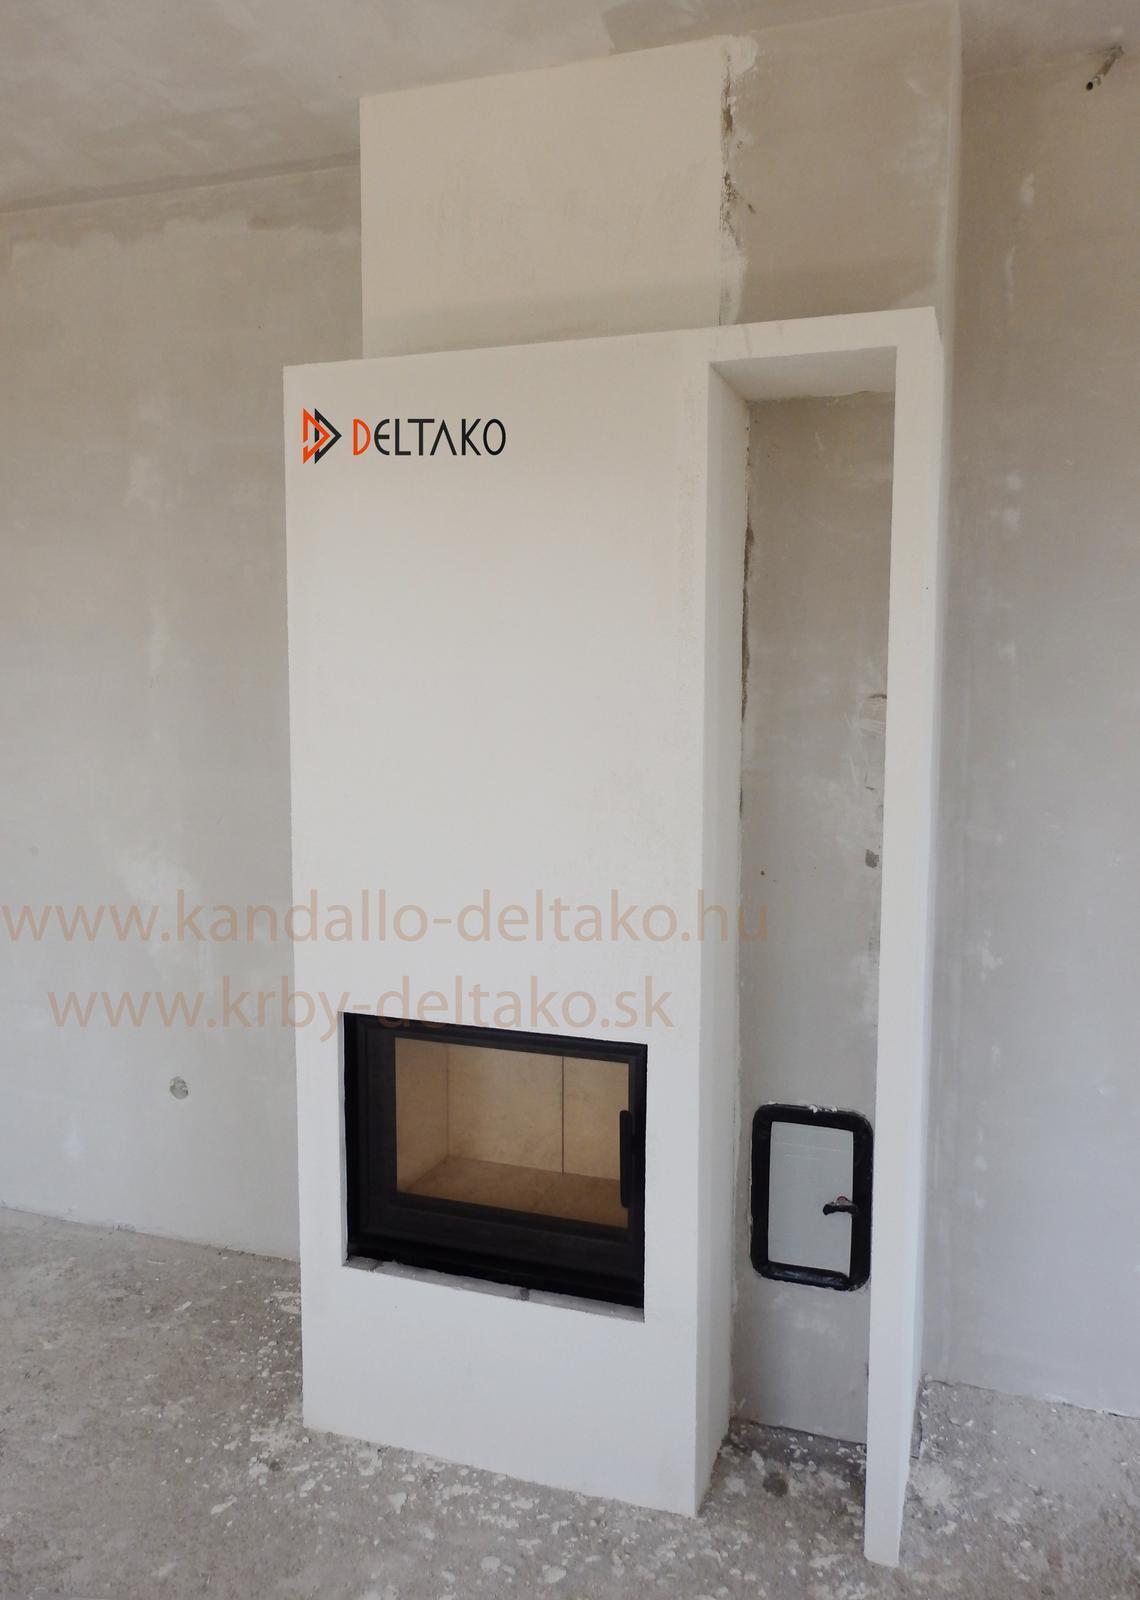 Rovný krb Deltako I60 - Kompaktné riešenie s veľkou vykurovacou hodnotou. Deltako I60. www.krby-deltako.sk